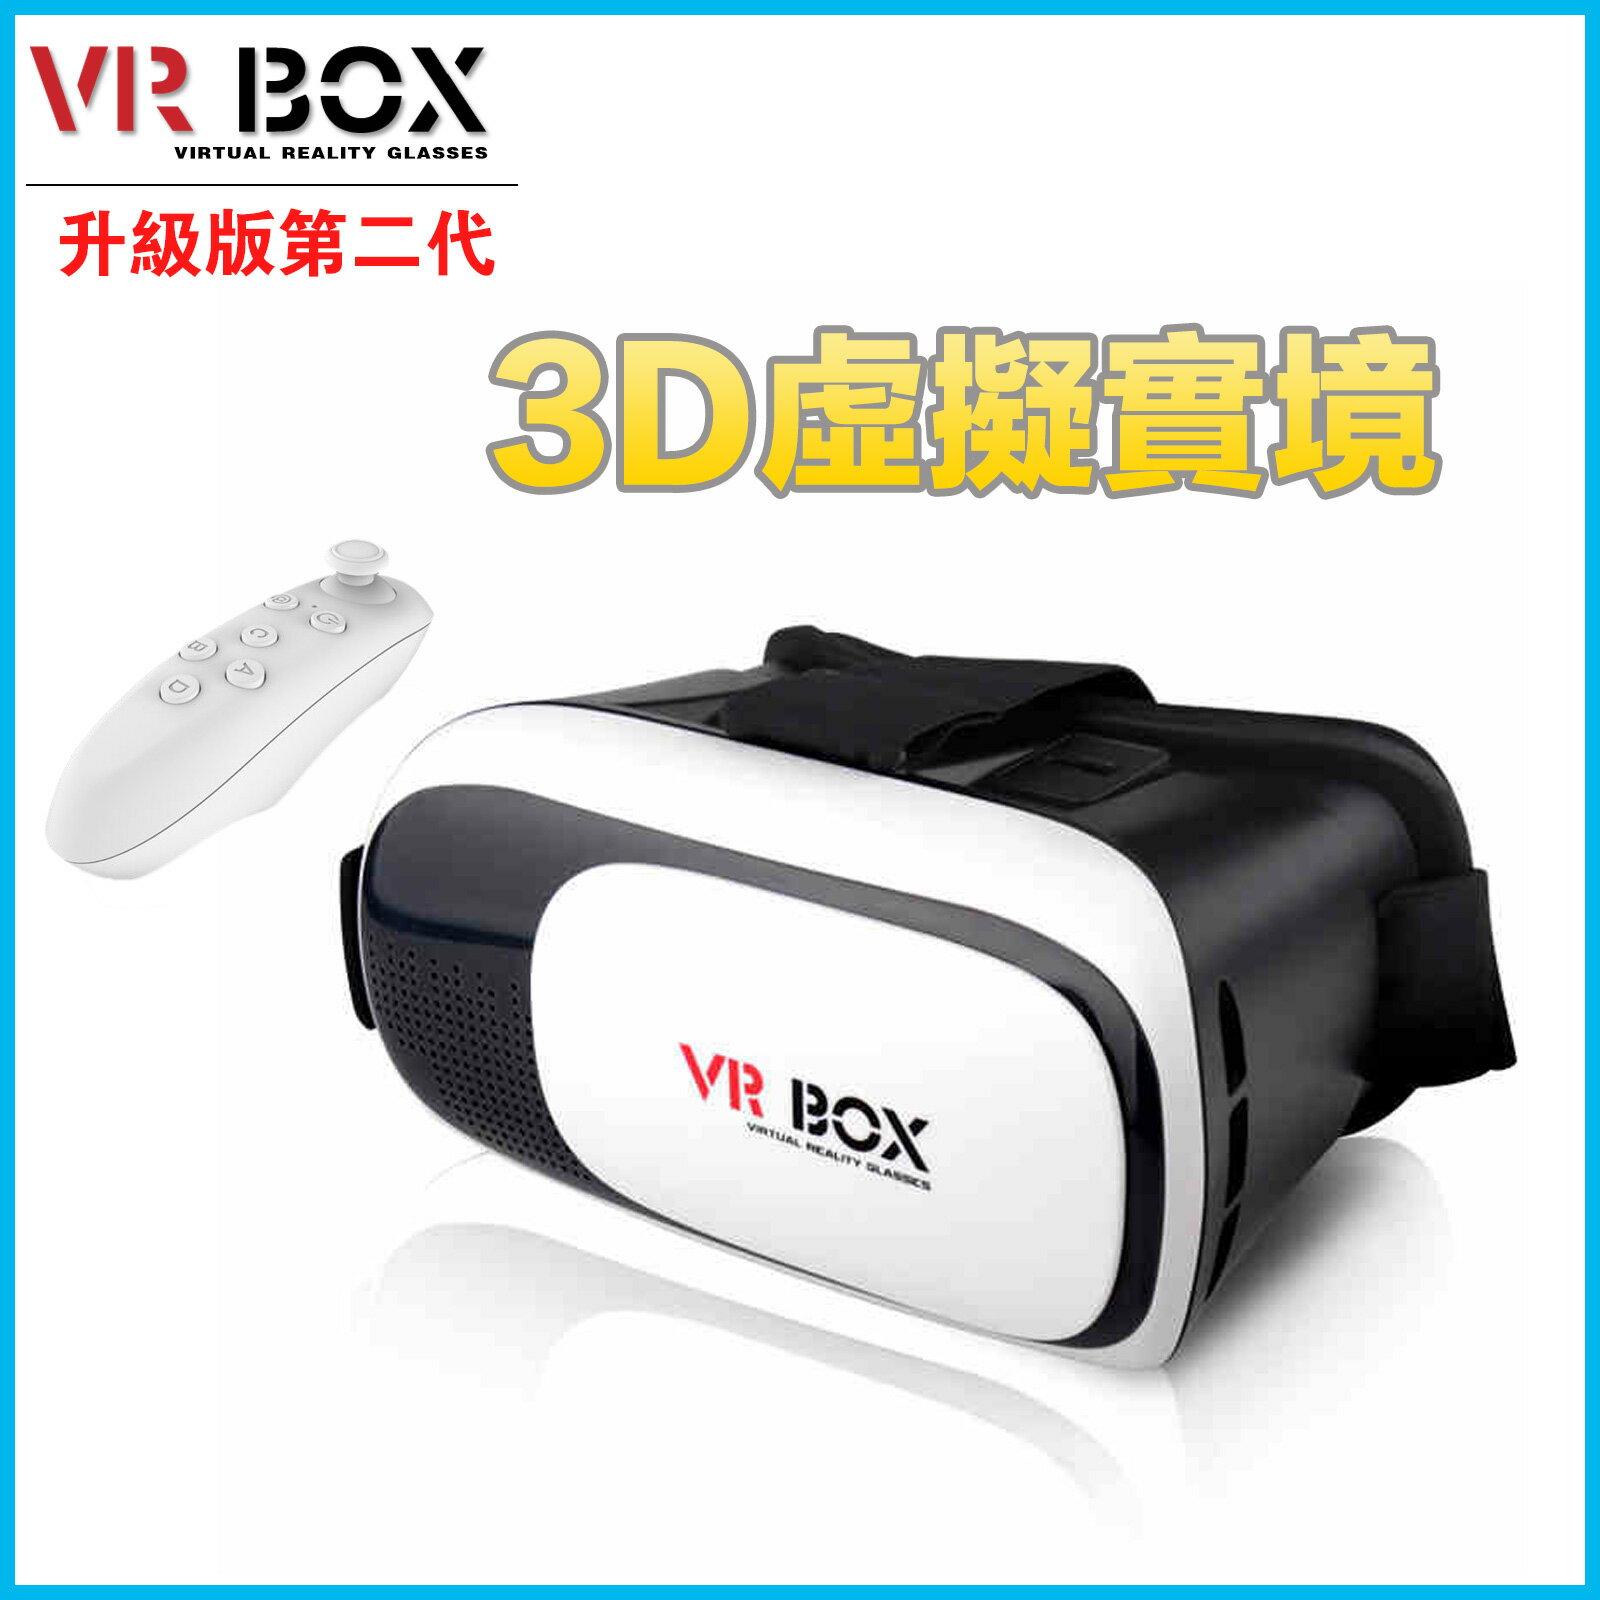 VR Box 3D眼鏡 虛擬實境眼鏡 3D Case 暴風魔鏡 VR遊戲【VRBOX】☆雙兒網☆ 3